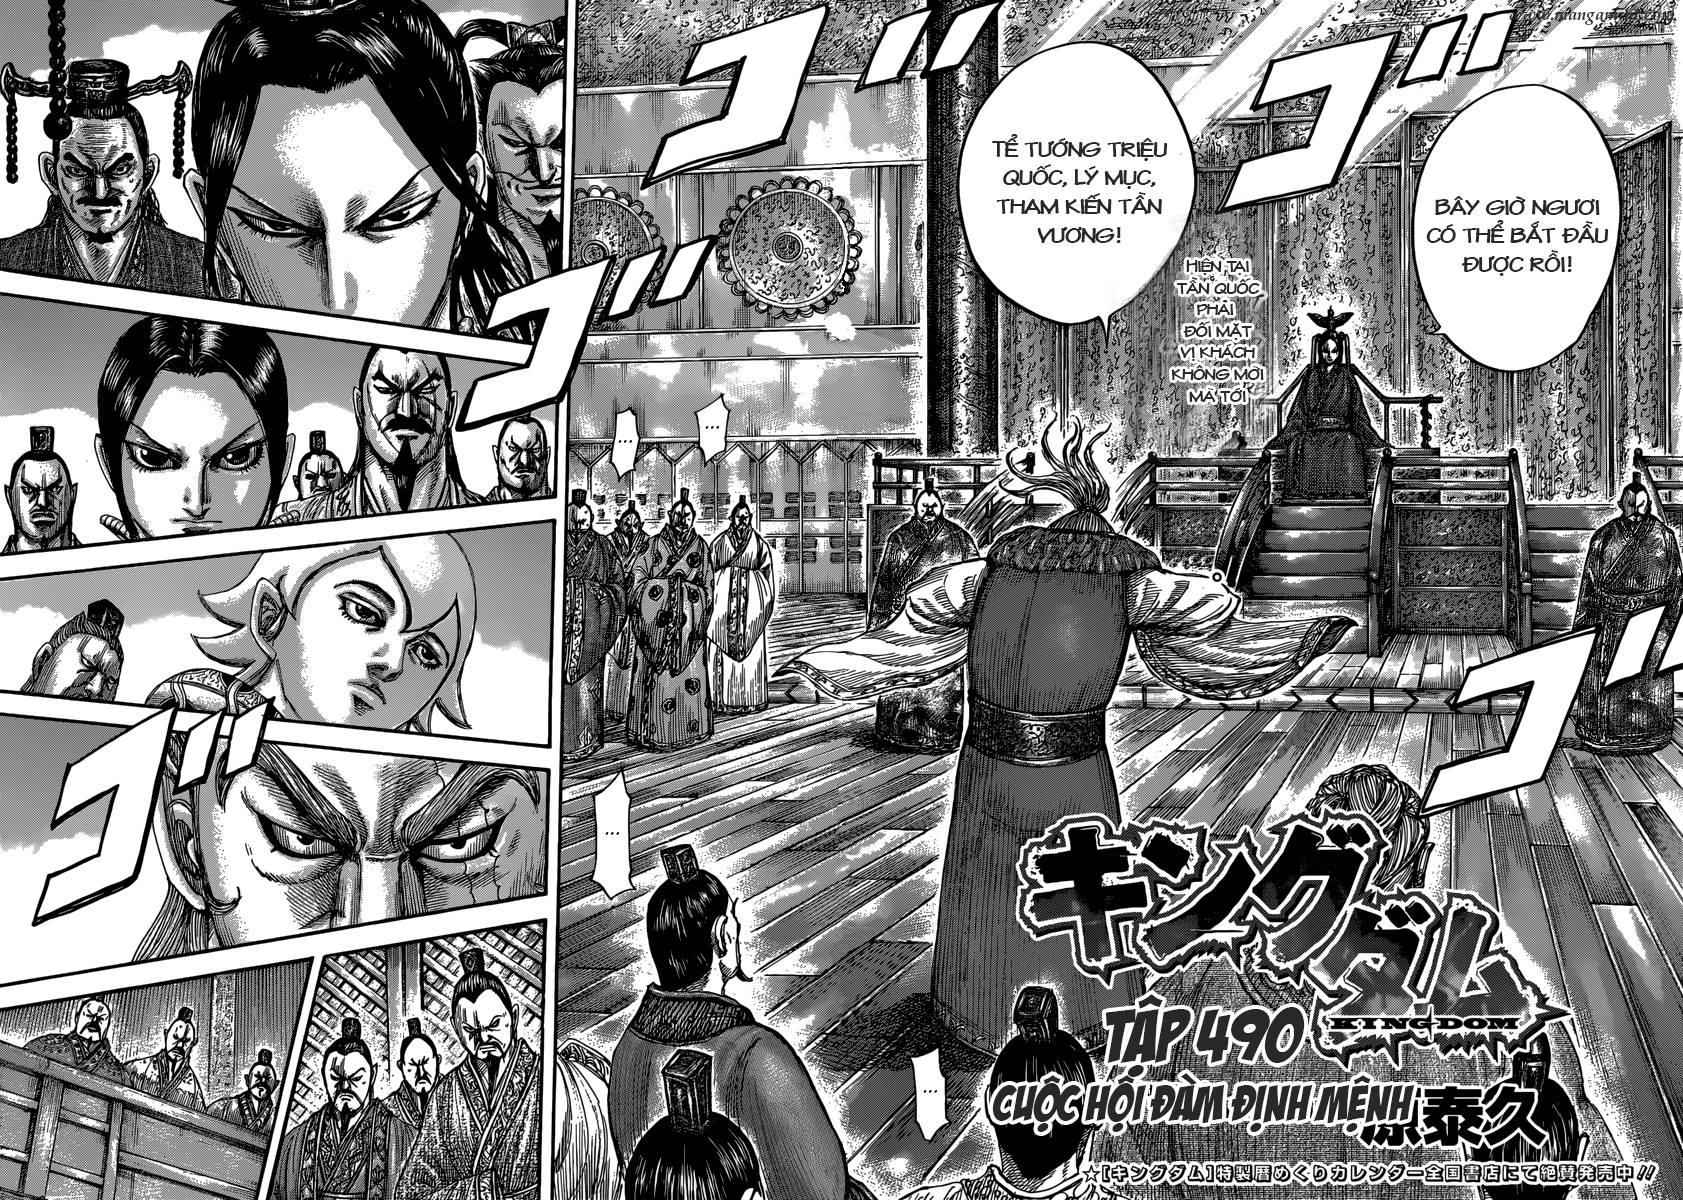 Kingdom – Vương Giả Thiên Hạ (Tổng Hợp) chap 490 page 2 - IZTruyenTranh.com